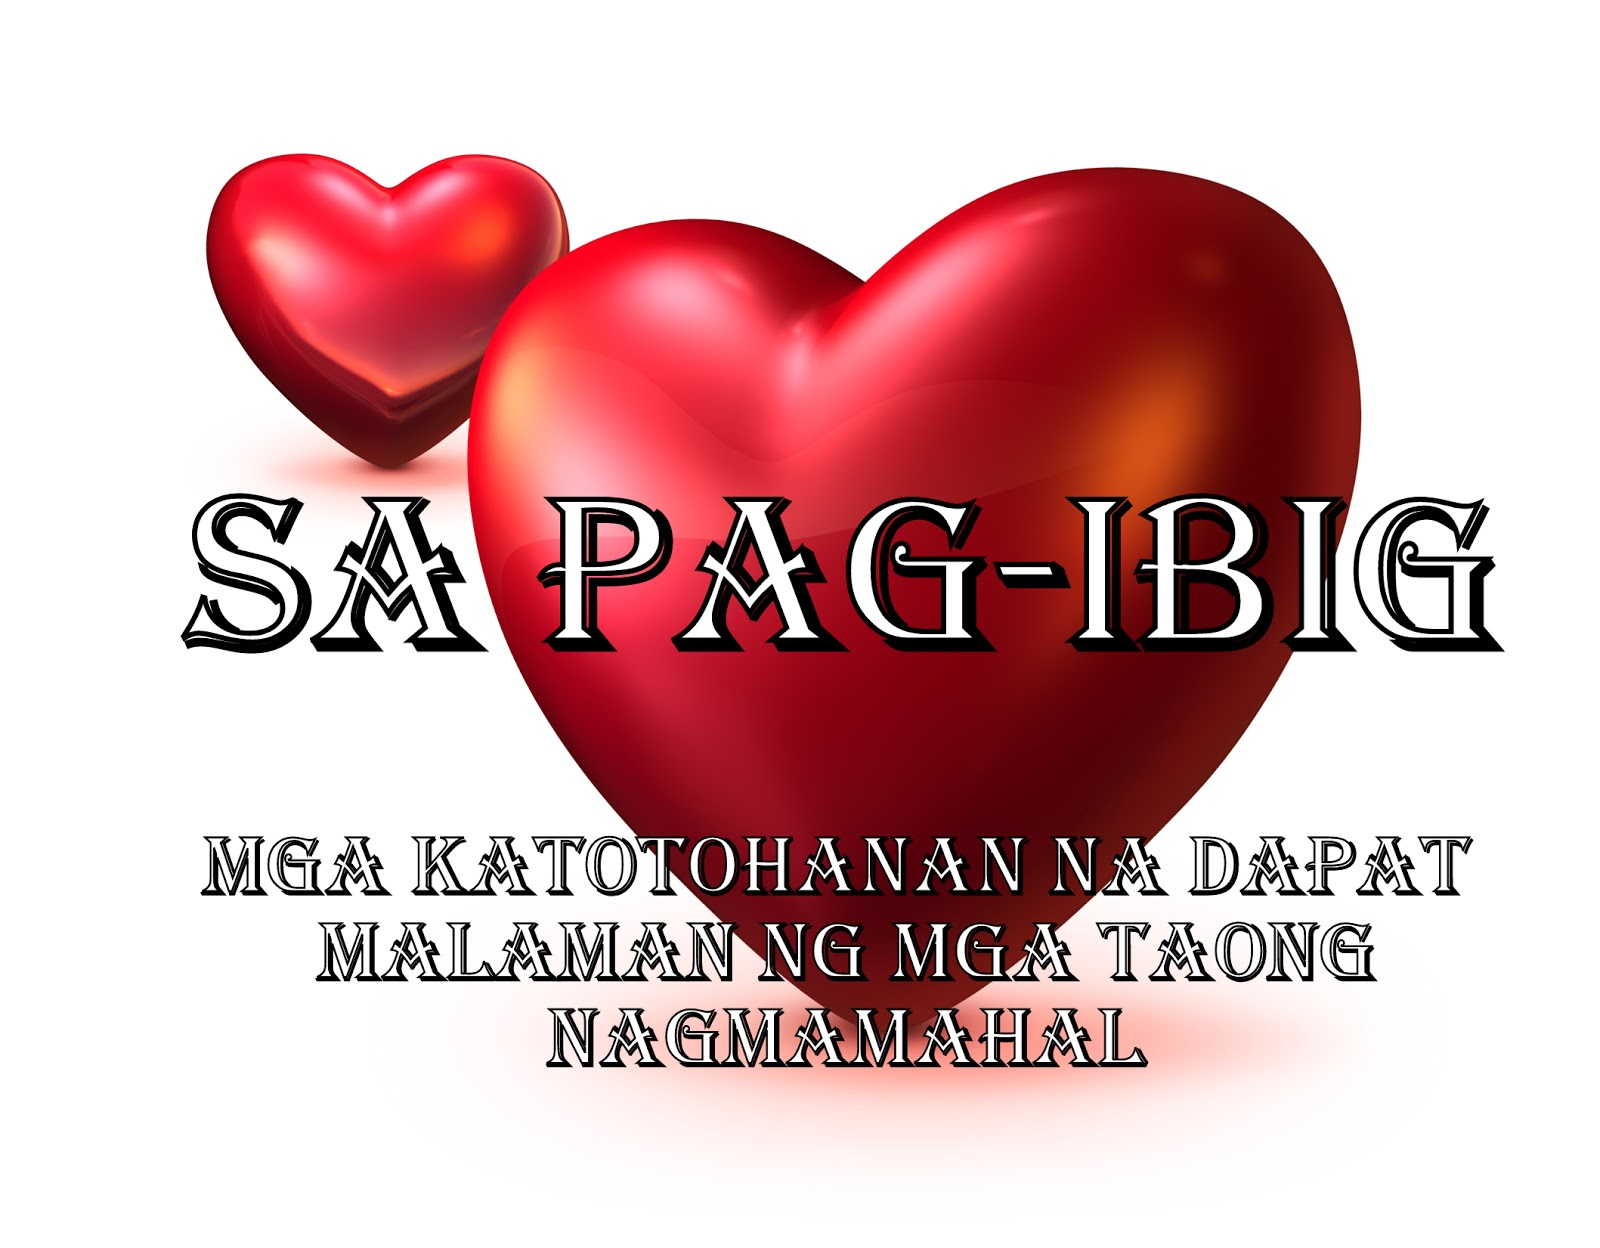 Download image kasabihan tungkol s pagibig pc android iphone and